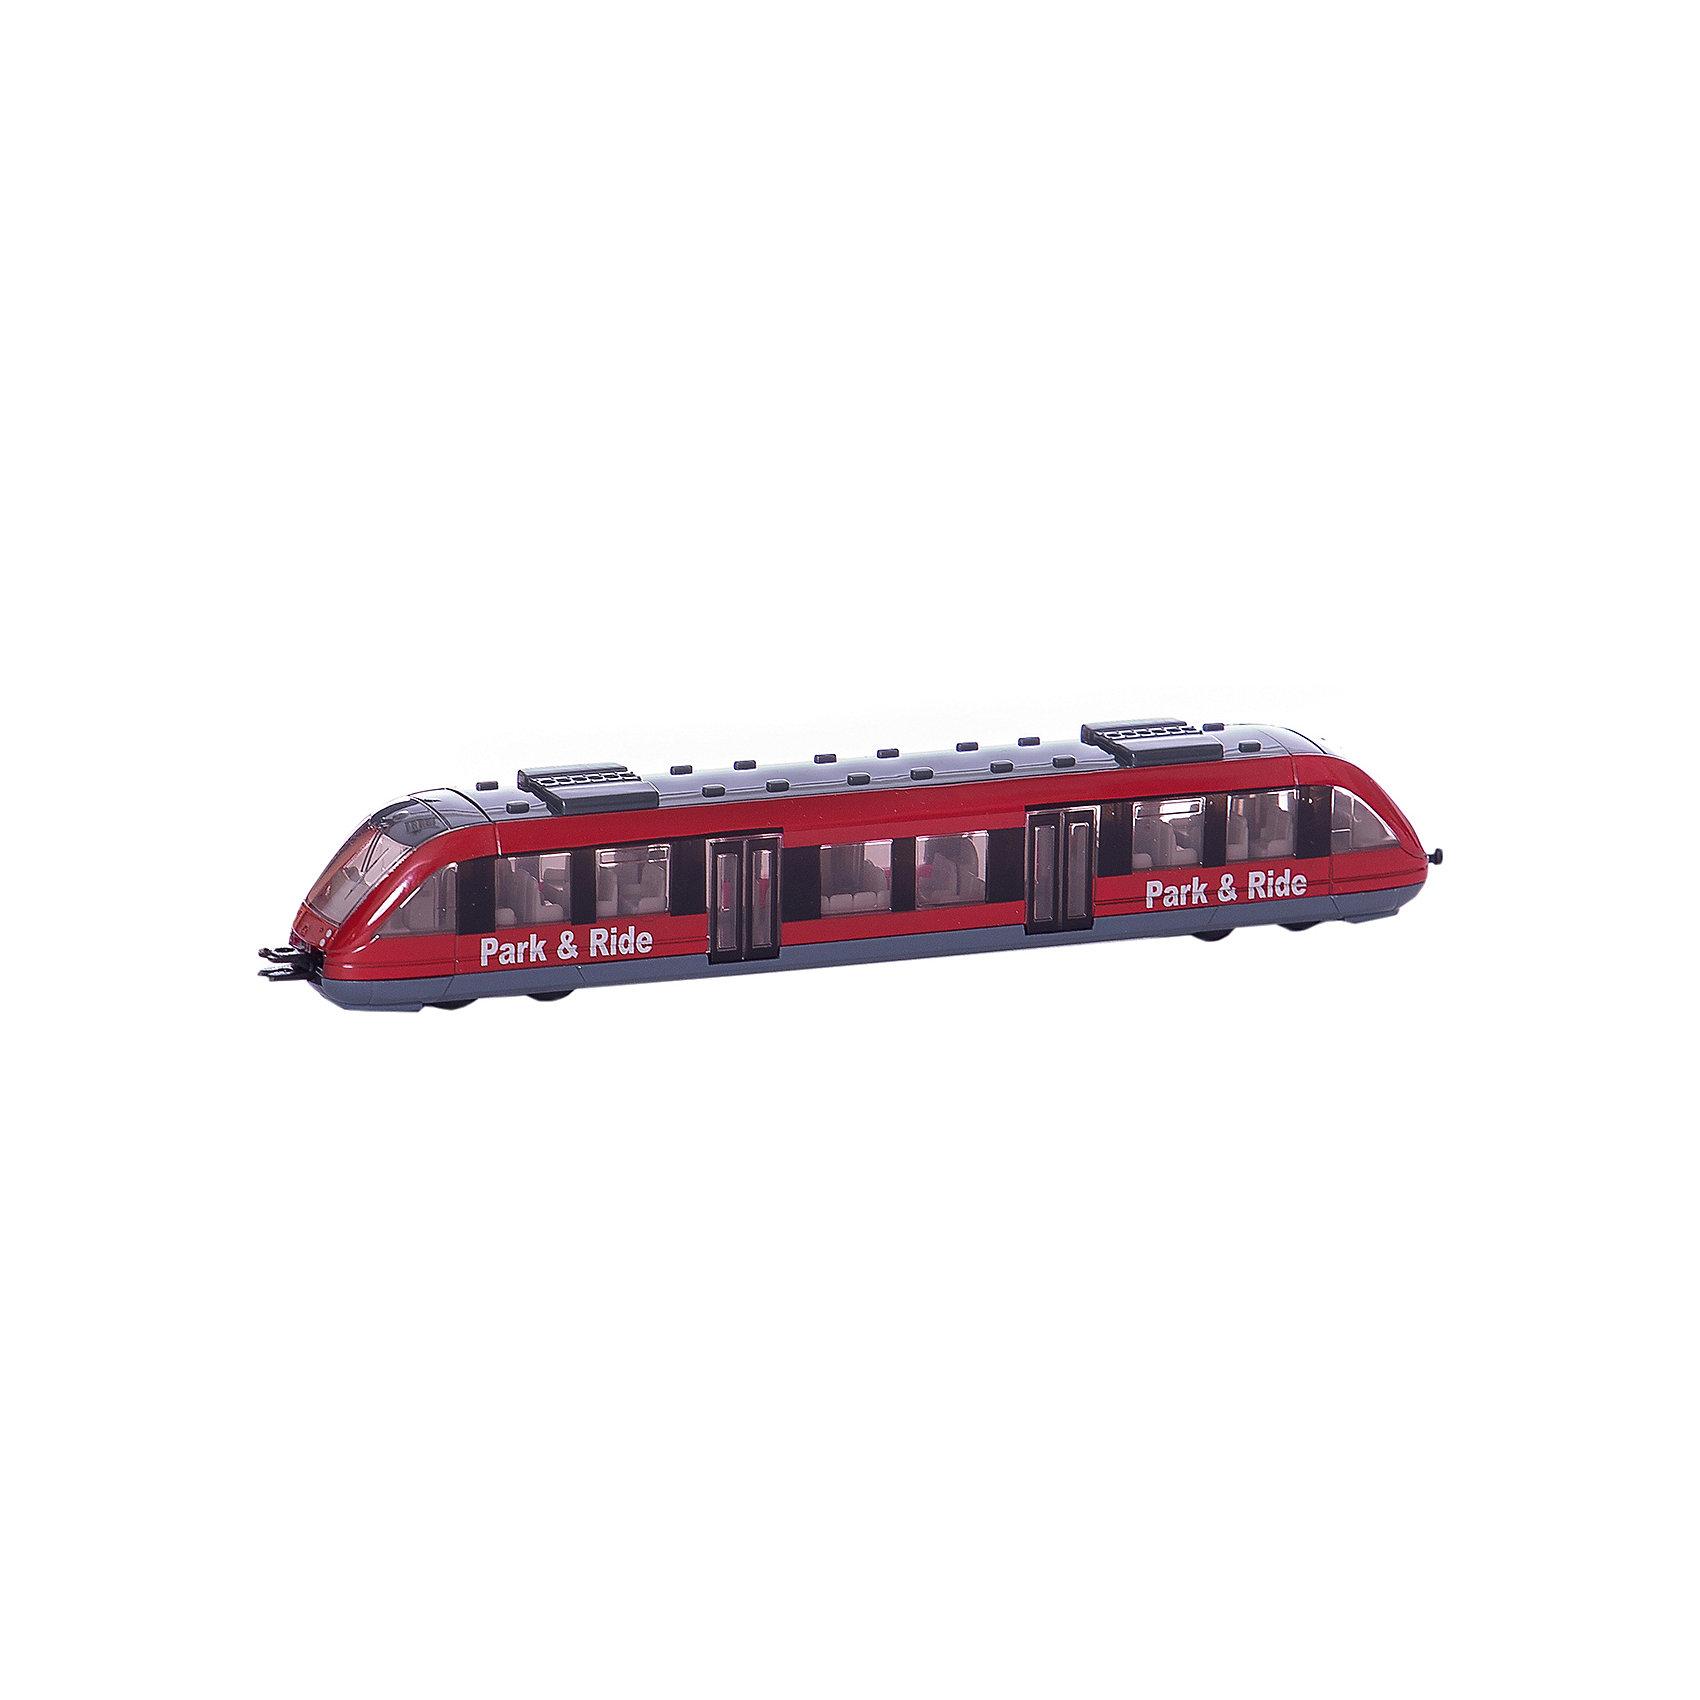 SIKU 1646 Пригородный поездМашинки<br>SIKU (СИКУ) 1646 Пригородный поезд. В коллекции игрушек SIKU (СИКУ) можно найти не только автомодели, но и модели железнодорожного транспорта. Например, точную копию пригородной электрички.<br><br>Корпус выполнен из металла, снизу предусмотрены маленькие колёса-поезд можно катать. Несмотря на свои небольшие размеры, модель отличается высоким уровнем детализации. Стекла пригородного поезда SIKU (СИКУ) прозрачны, поэтому в вагонах поезда видны многочисленные пассажирские сиденья, а в двух кабинах машиниста-пульты управления и водительские кресла. В передней и задней части поезда расположены пластиковые сцепки, с помощью которых поезд можно соединять с другими пригородными электричками SIKU (СИКУ), выполненными в том же мини-масштабе.<br><br>Дополнительная информация:<br><br>- Размер: 16,5 x 2,8 x 2,8 см<br>- Масштаб 1:50<br>- Материал: металл с элементами пластмассы<br>- Двери поезда не открывются<br><br>Игровая модель пригородного поезда станет отличным дополнением к маленькому городу. Игра с моделями SIKU (СИКУ) развивает воображение, мышление, память, мелкую моторику рук и координацию движений детей.<br><br>SIKU (СИКУ) 1646 Пригородный поезд можно купить в нашем магазине.<br><br>Ширина мм: 196<br>Глубина мм: 76<br>Высота мм: 27<br>Вес г: 98<br>Возраст от месяцев: 36<br>Возраст до месяцев: 96<br>Пол: Мужской<br>Возраст: Детский<br>SKU: 1779792